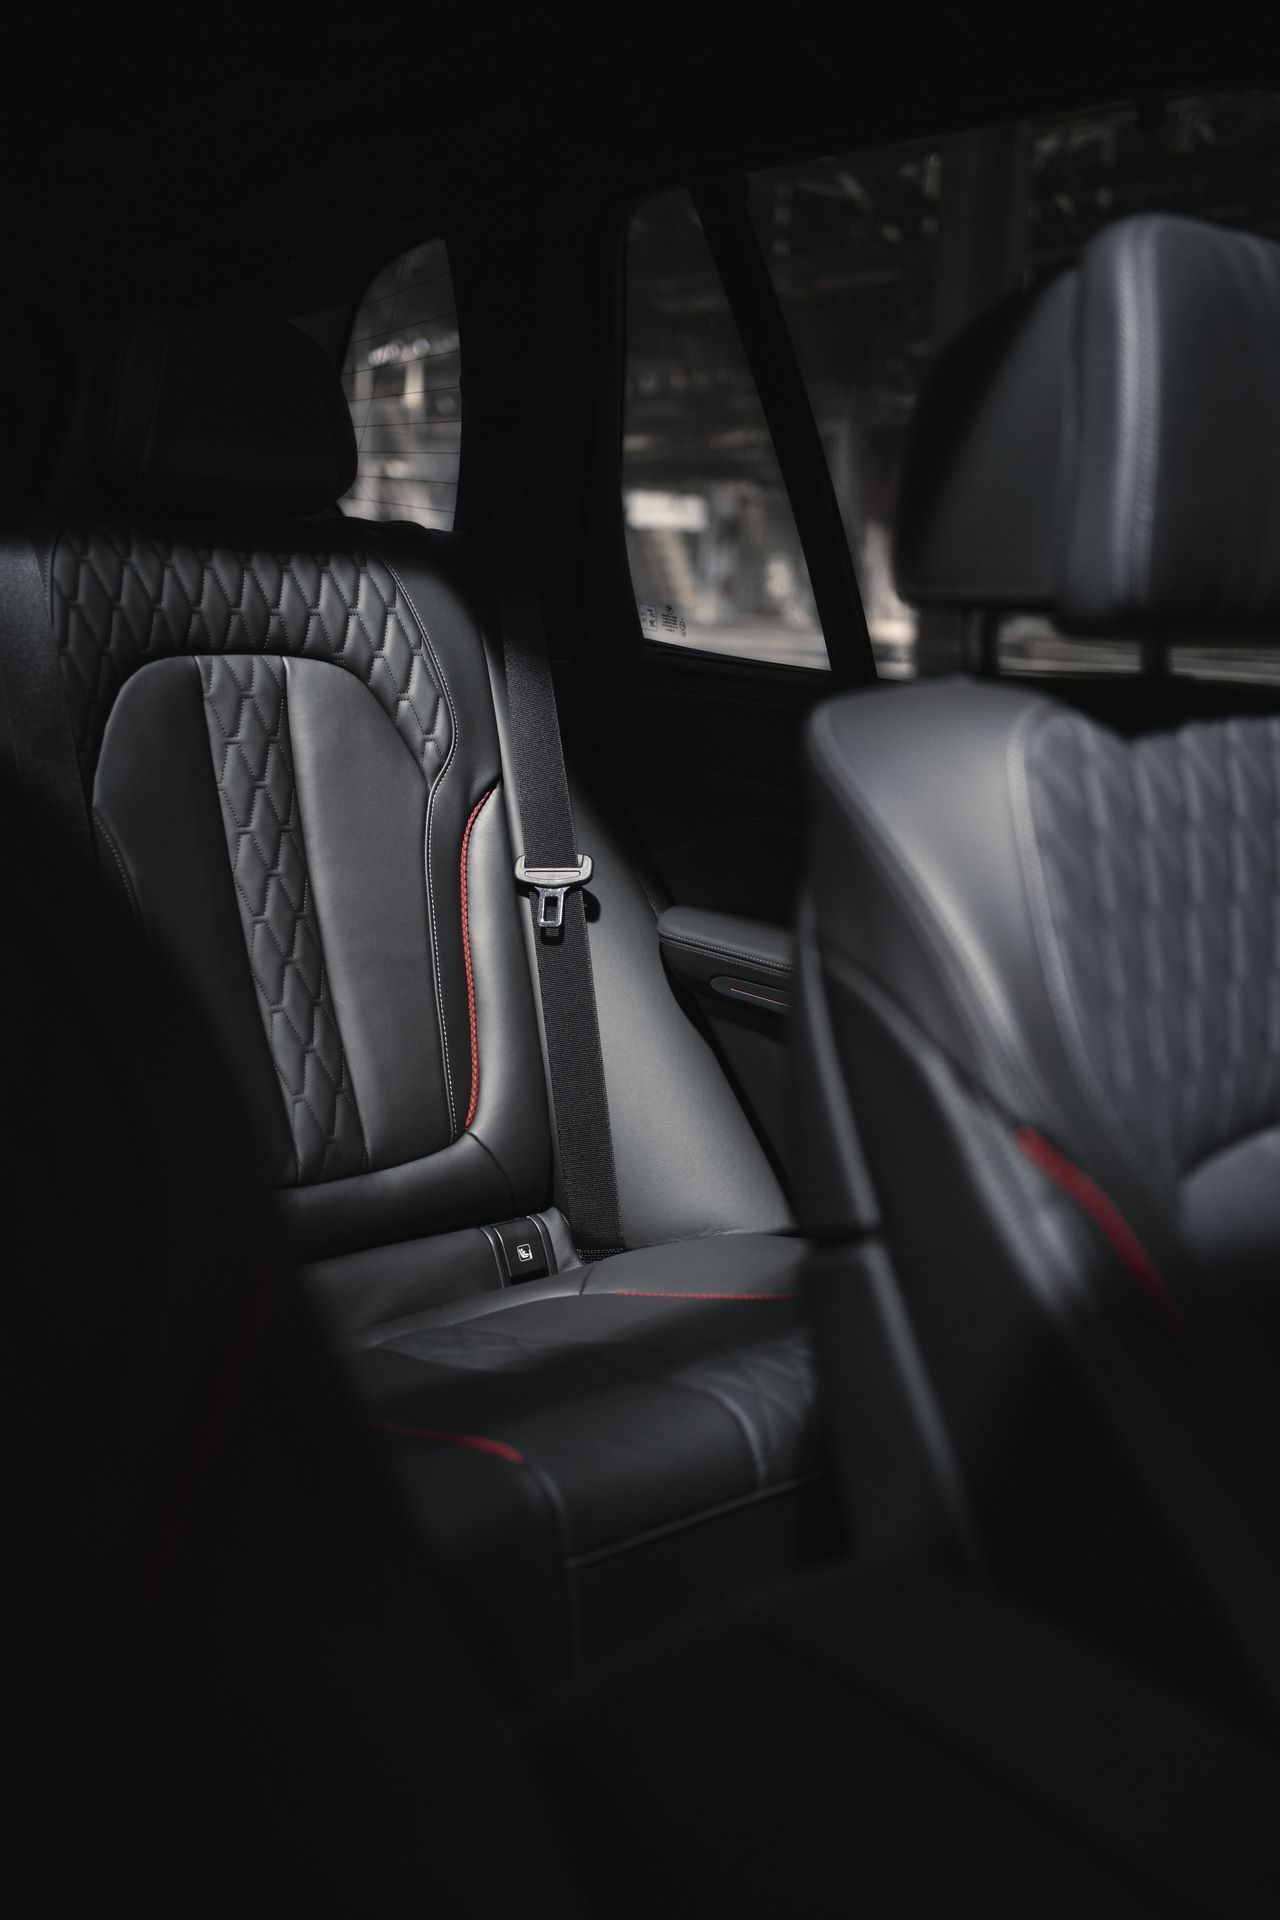 BMW-X5-Χ6-Black-Vermilion-X7-Limited-Edition-23